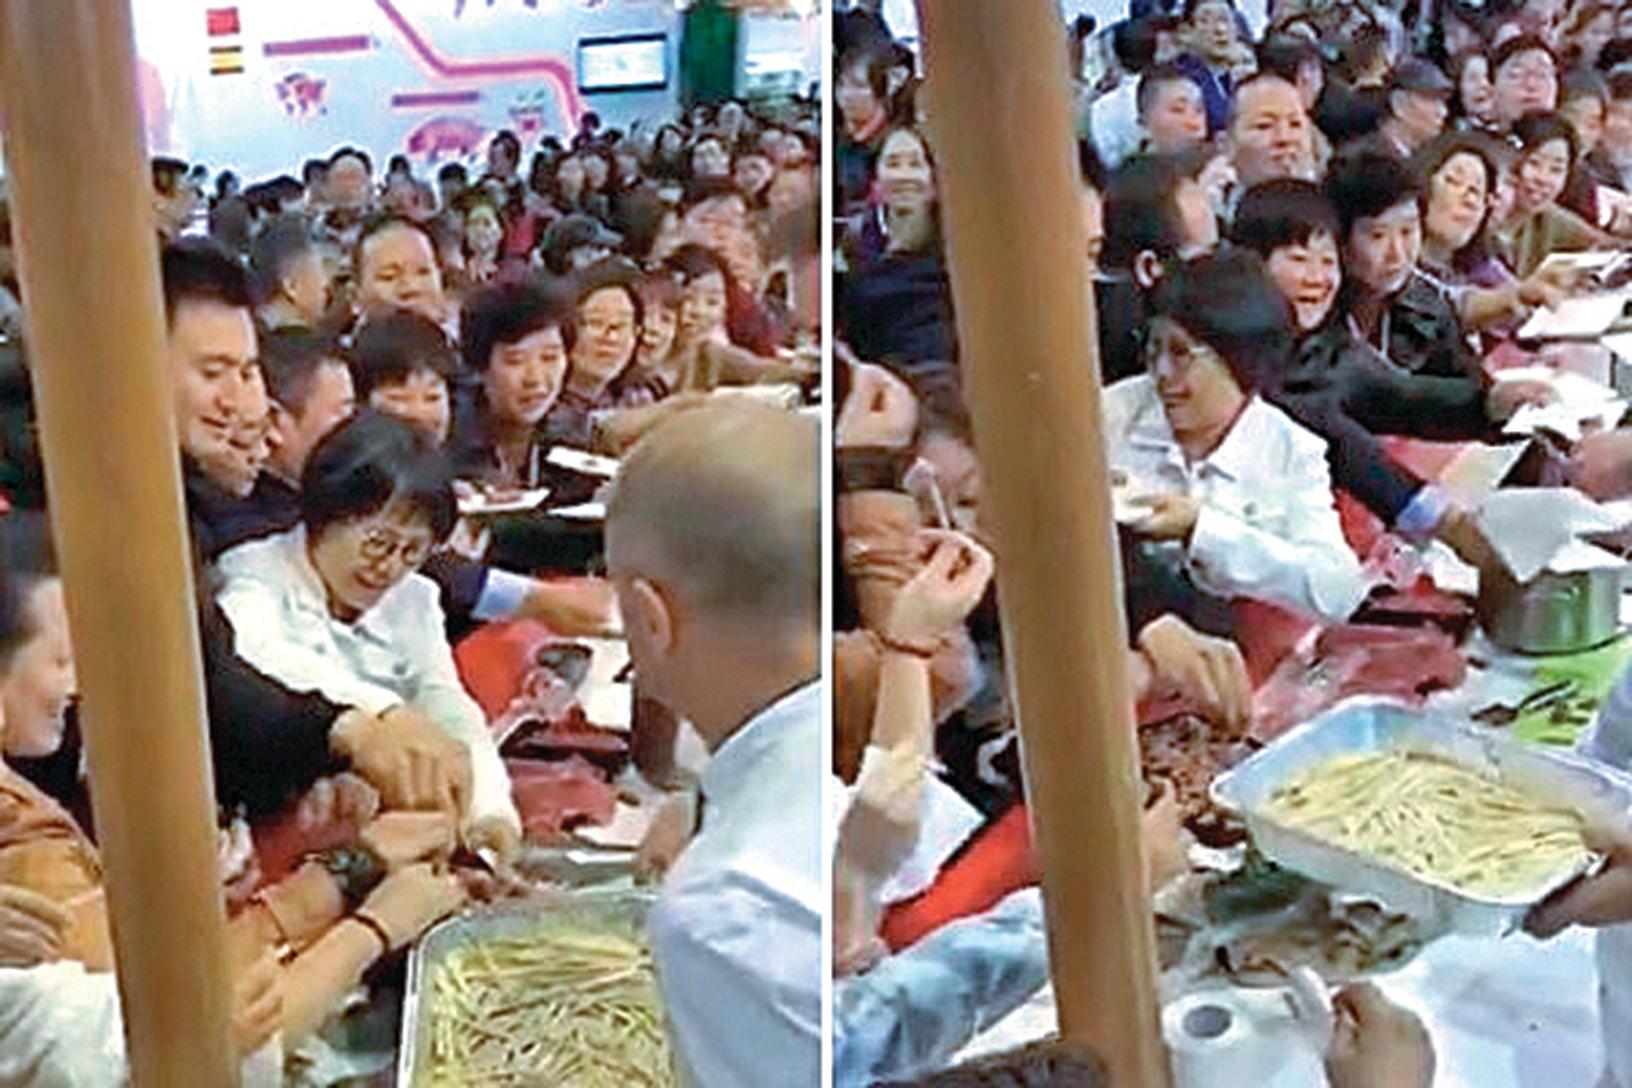 近日,中國大媽、大叔「進博會」哄搶食物影片曝光,他們把試吃品一掃而光,老外看到直搖頭。事件引發網絡熱議。(影片截圖)